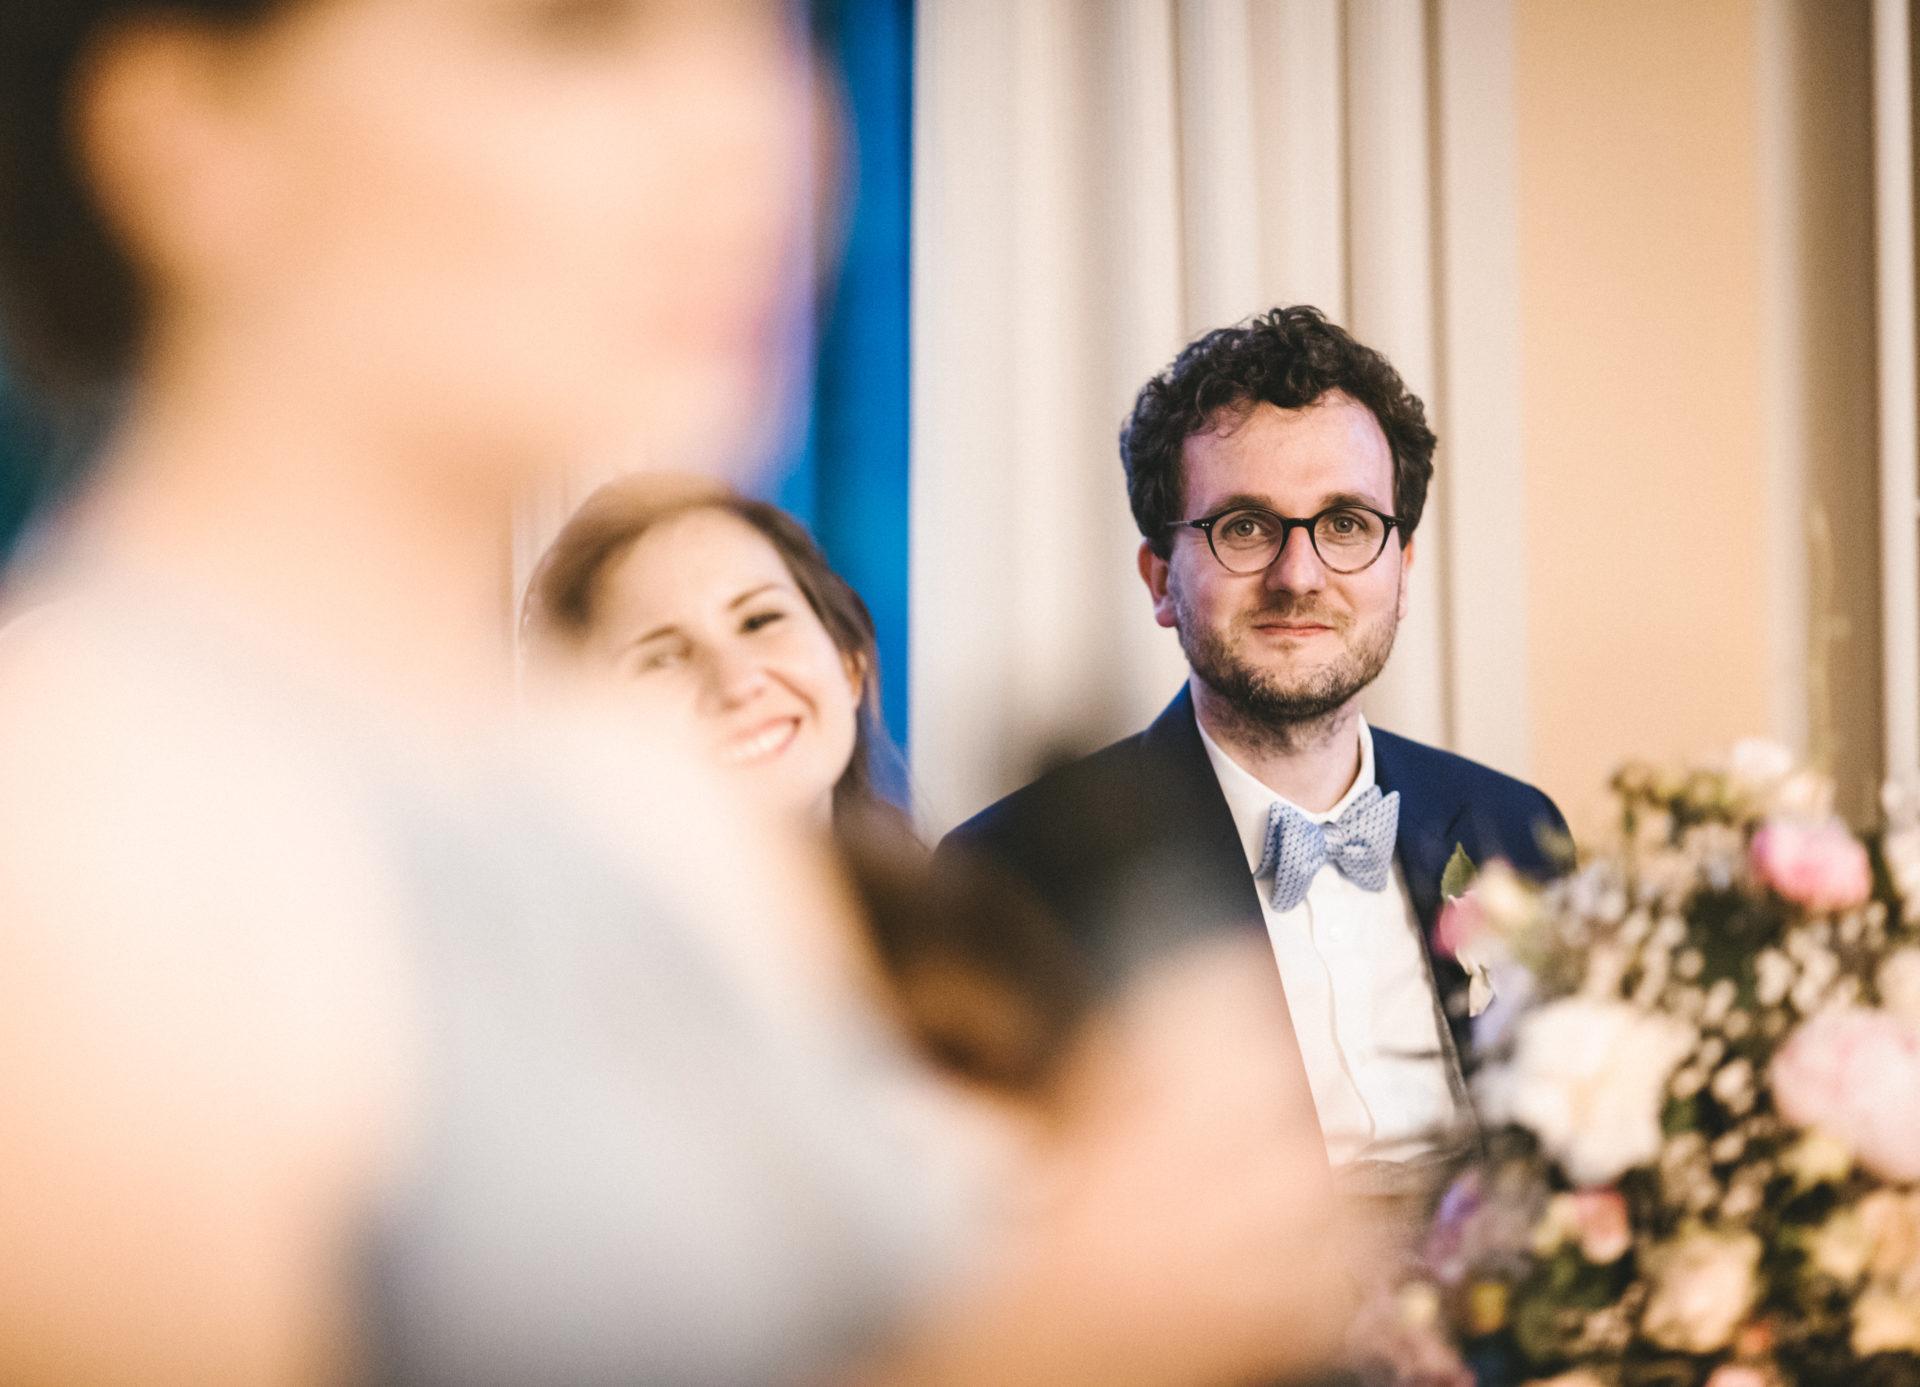 Hochzeitsreportage | Freie Trauung im Herrenhaus Möckern in Leipzig | 48